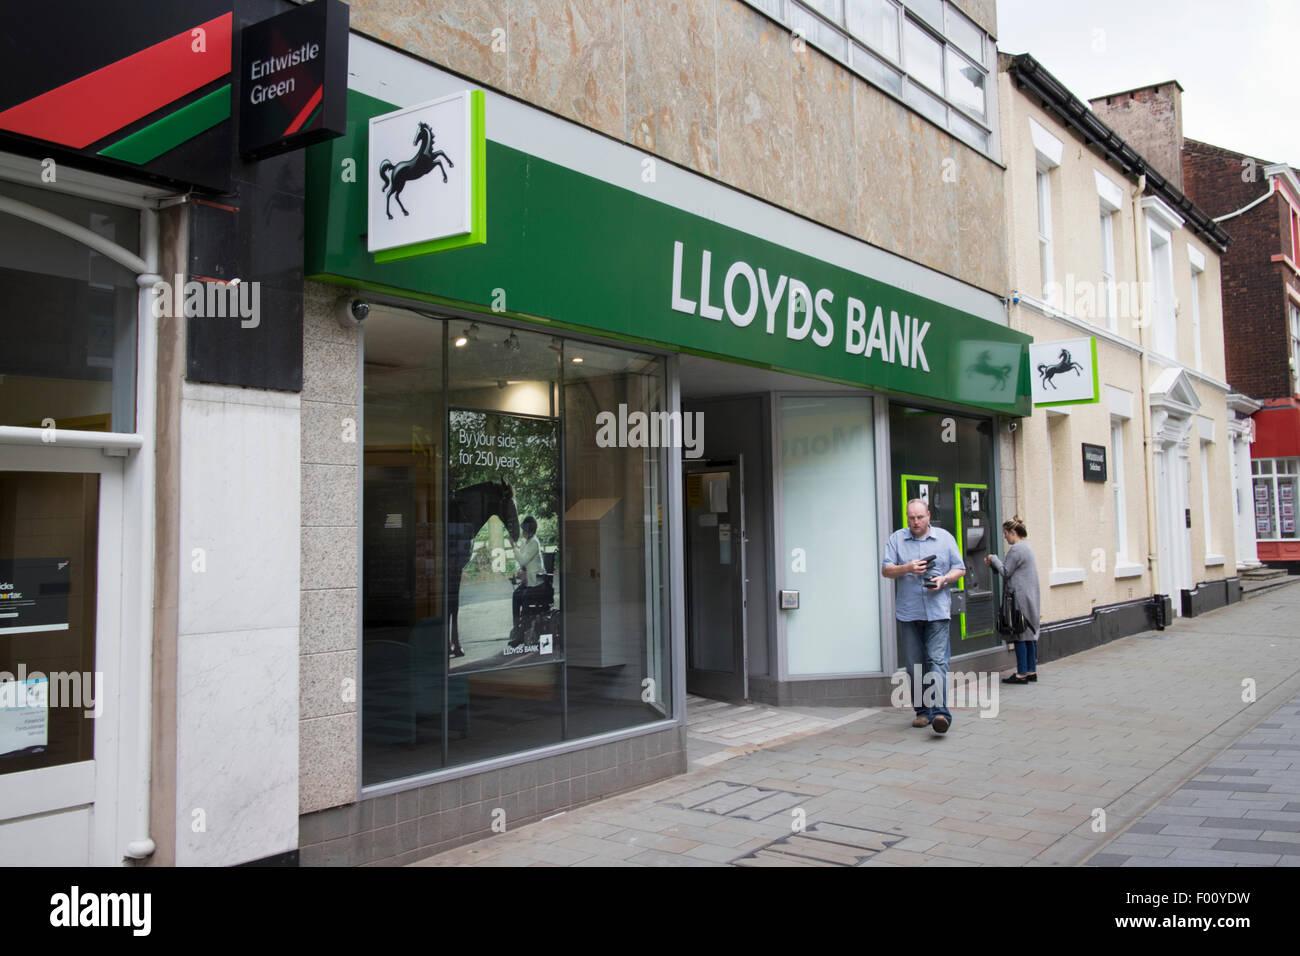 Lloyds Bank Filiale St. Helens Town centre uk Stockbild